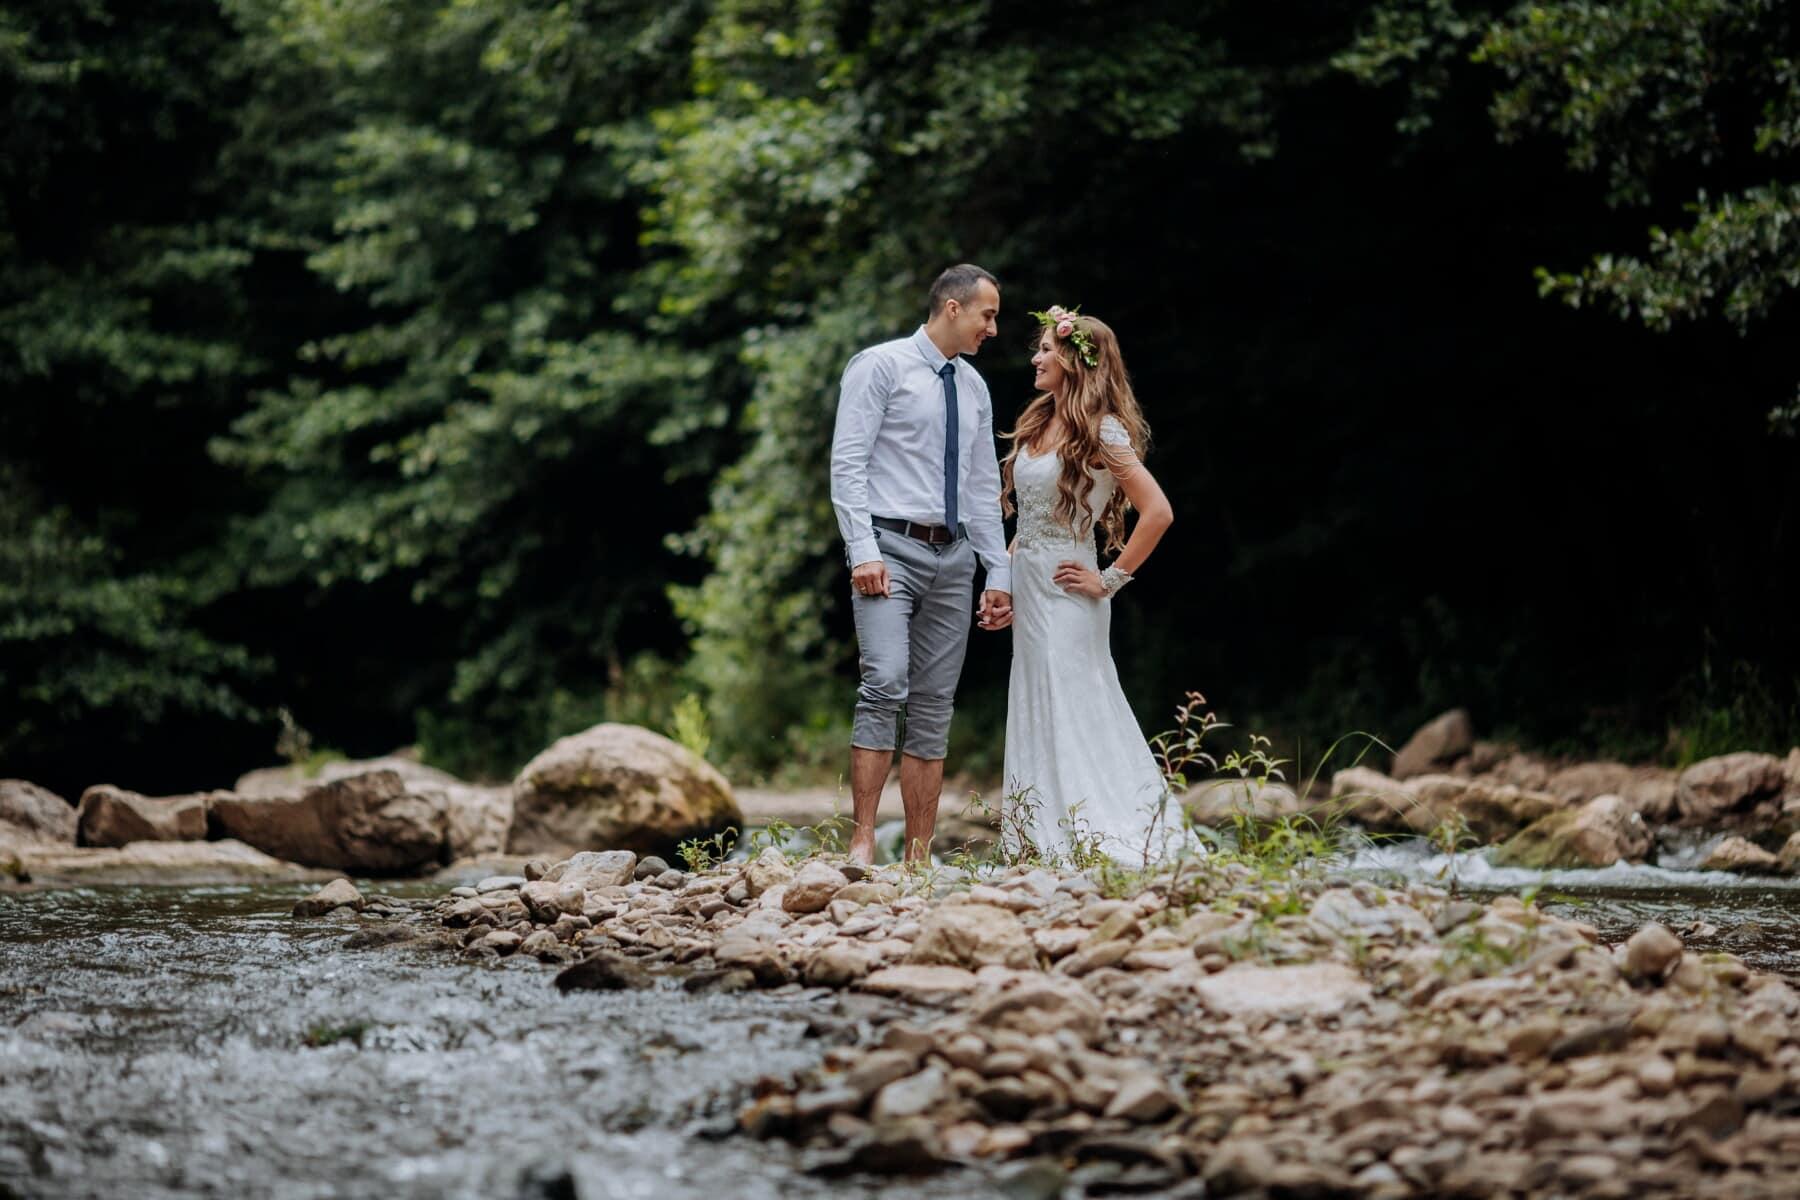 Bräutigam, frisch verheiratet, Braut, Wandern, Bach, Flussufer, Liebe, Person, Landwirt, Frau